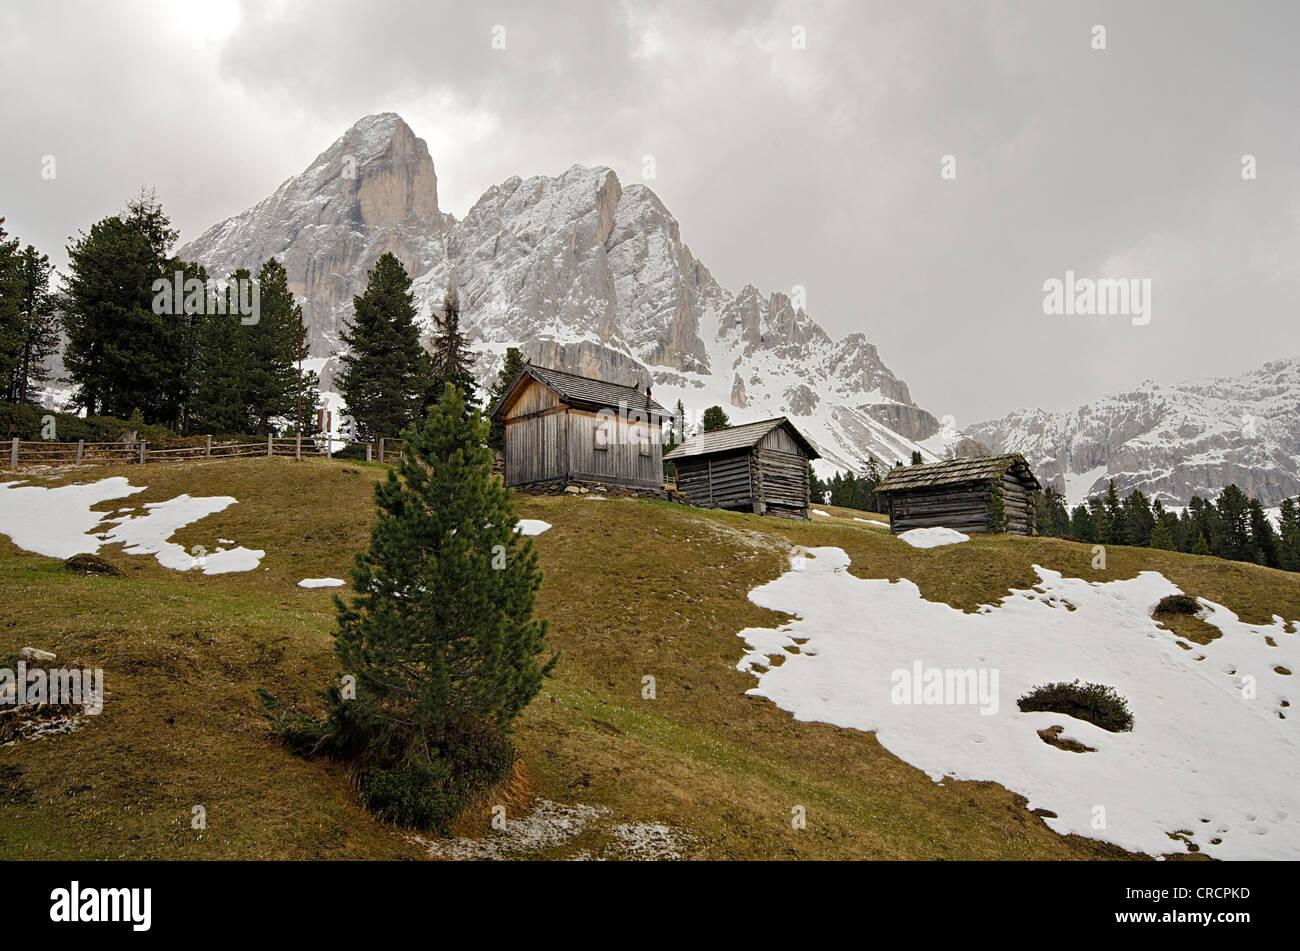 Cabine alpino al Passo delle Erbe mountain pass, Sass de Putia montagna dietro, Dolomiti, Alto Adige, Italia, Europa Immagini Stock